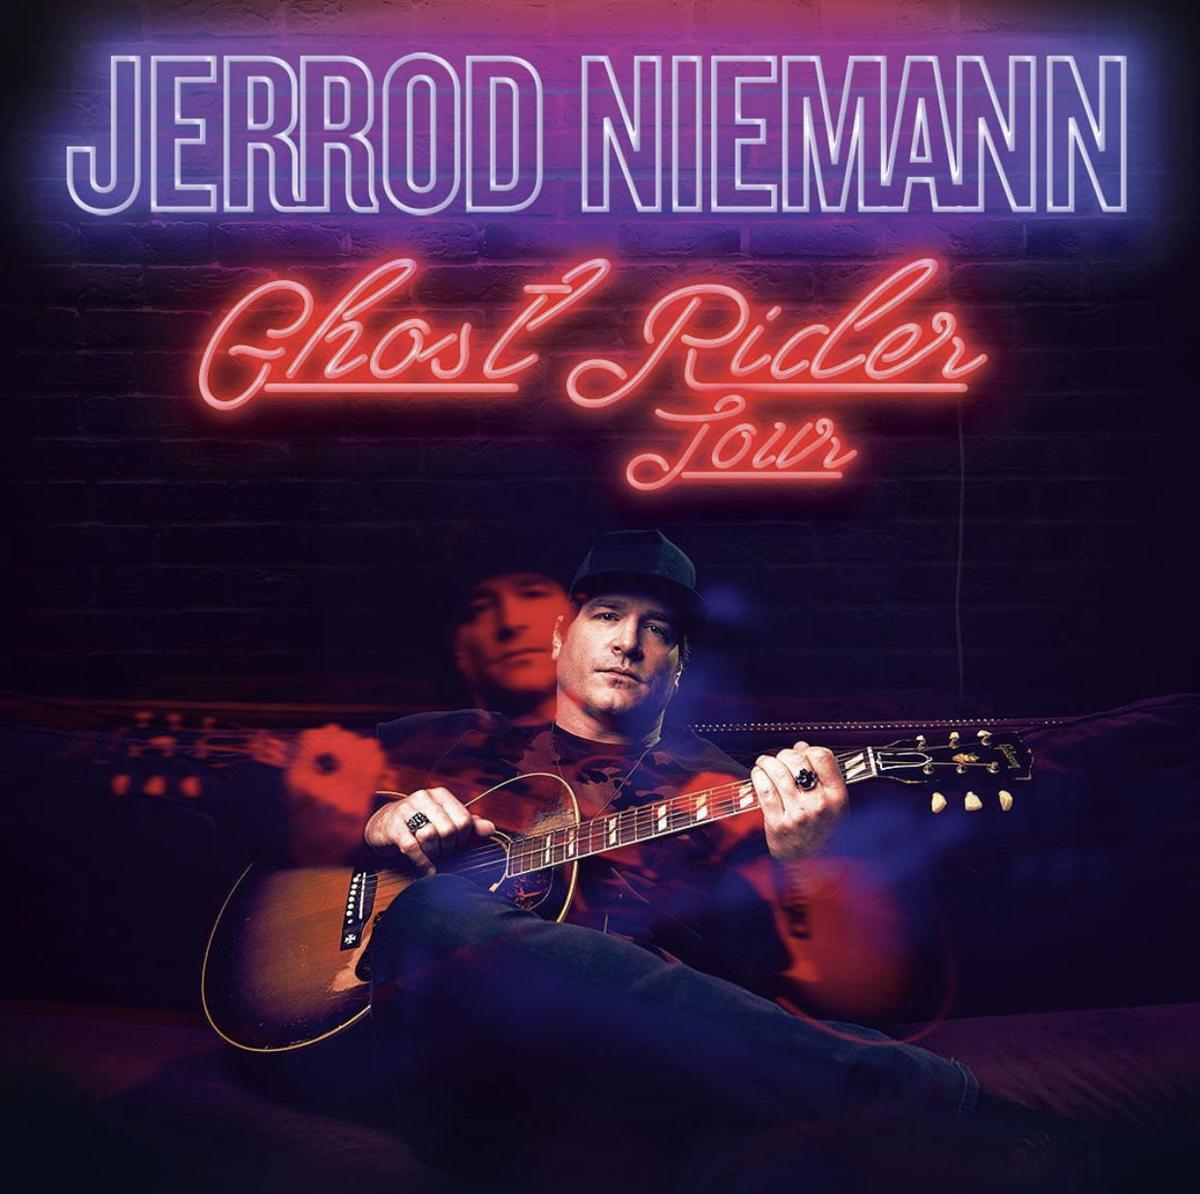 Jerrod Niemann rolls into Hobart with Ghost Rider Tour